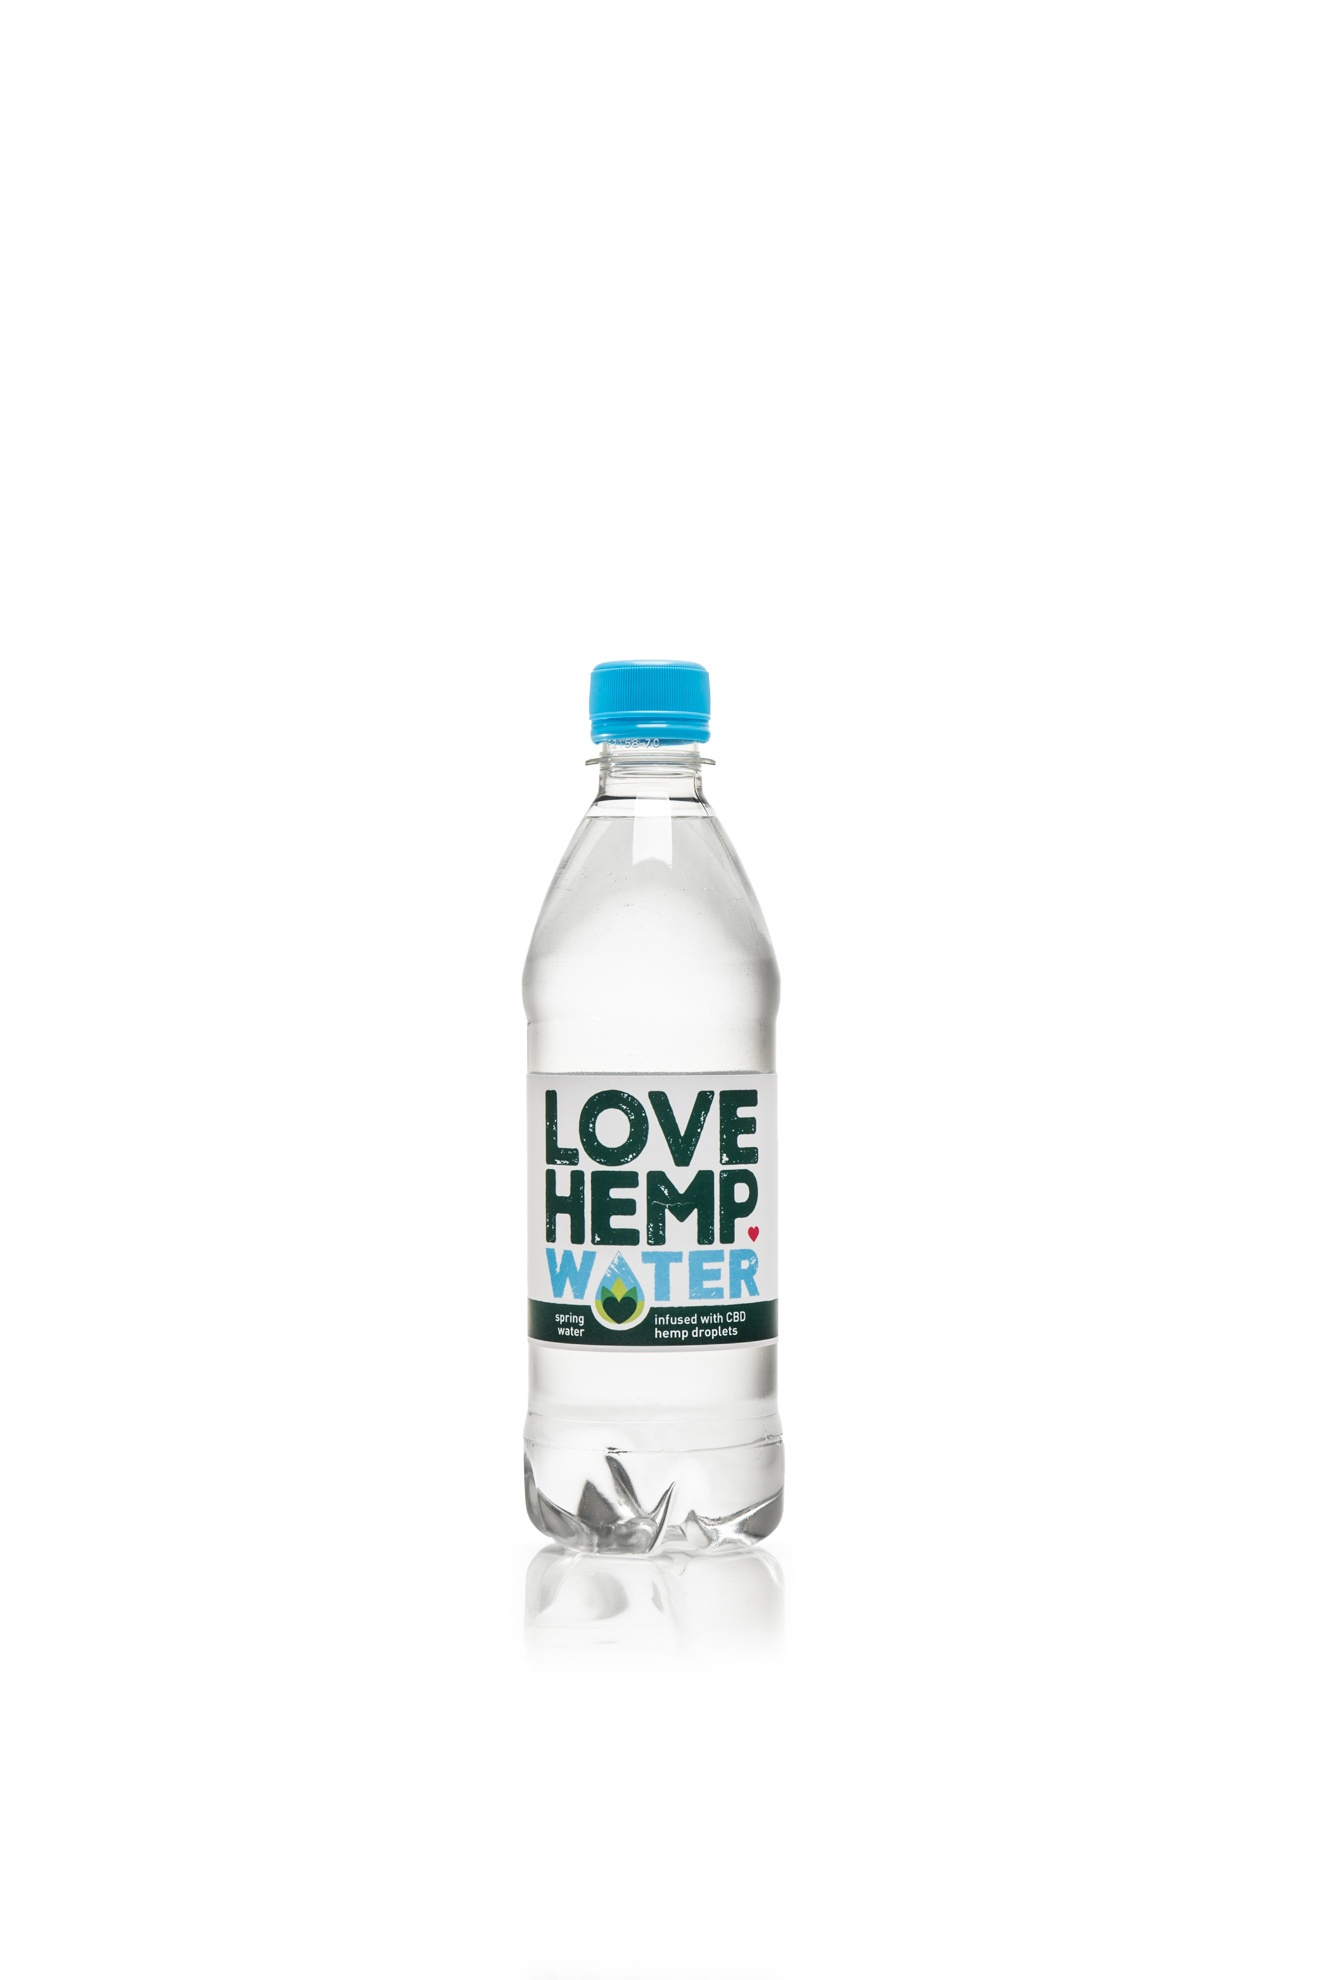 love hemp water